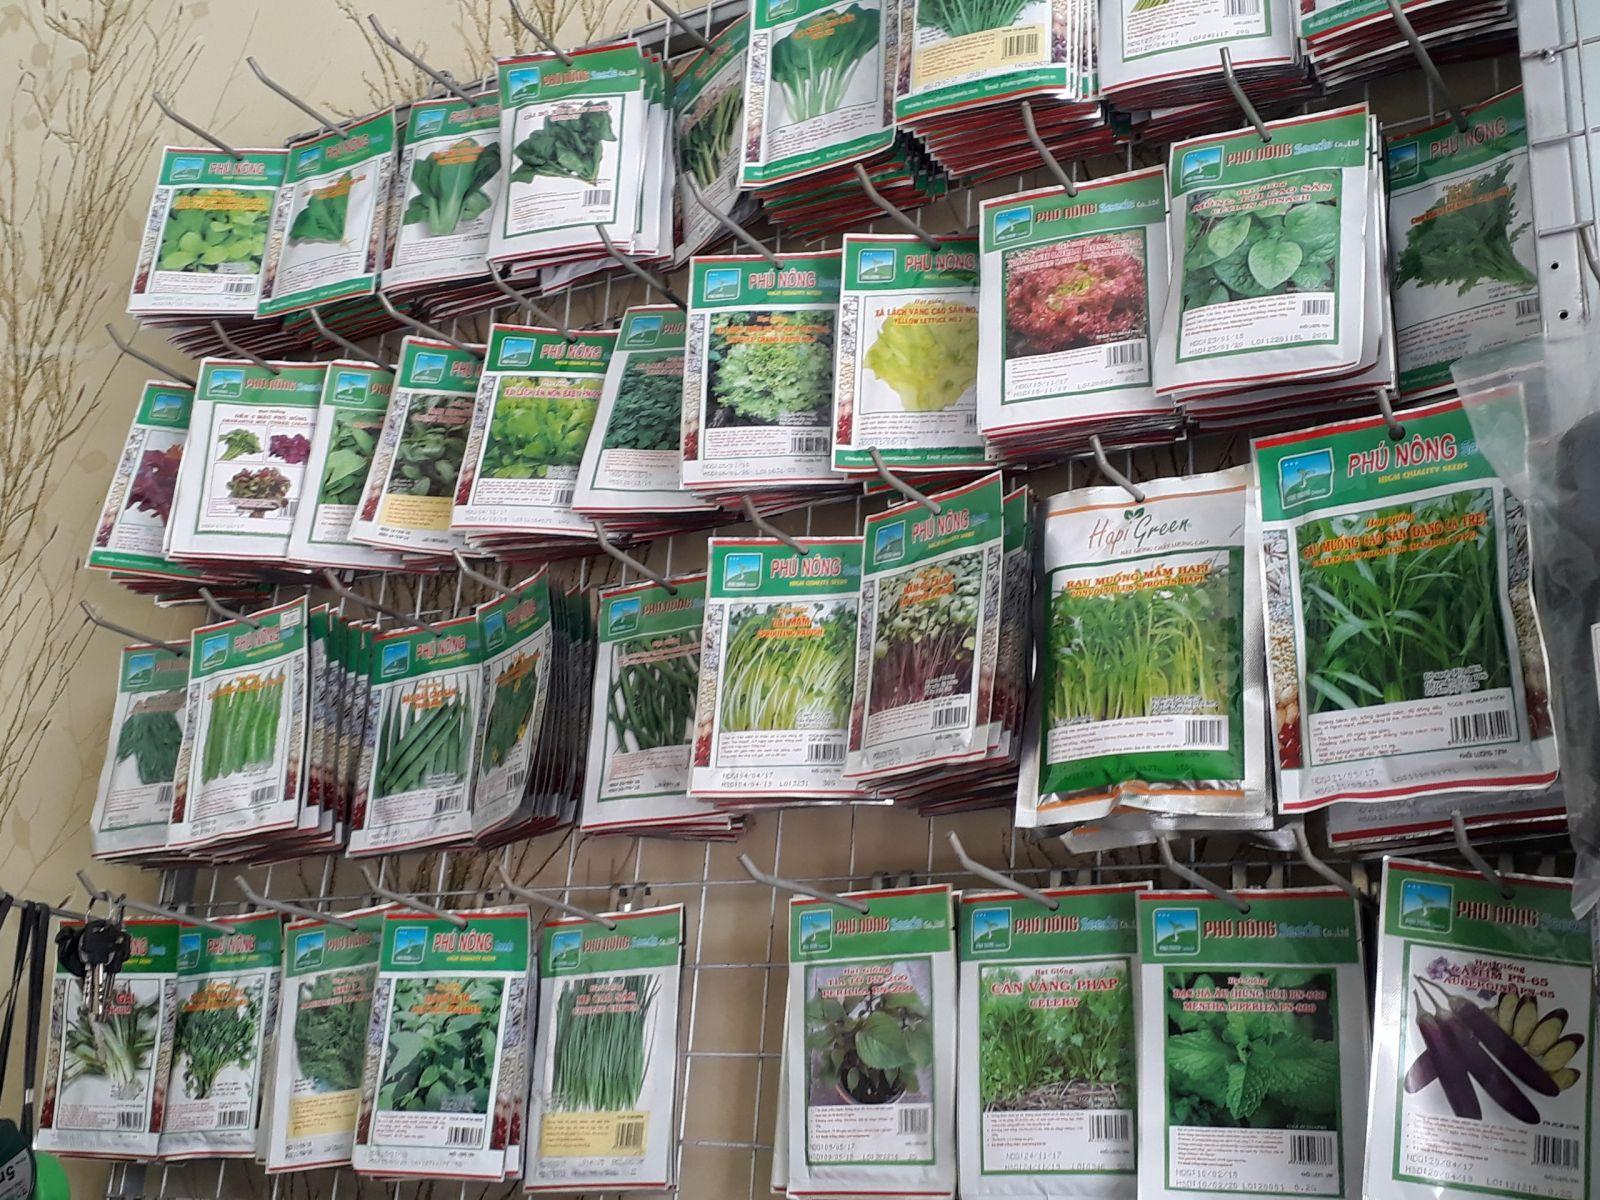 địa chỉ giúp bạn mua hạt giống rau sạch